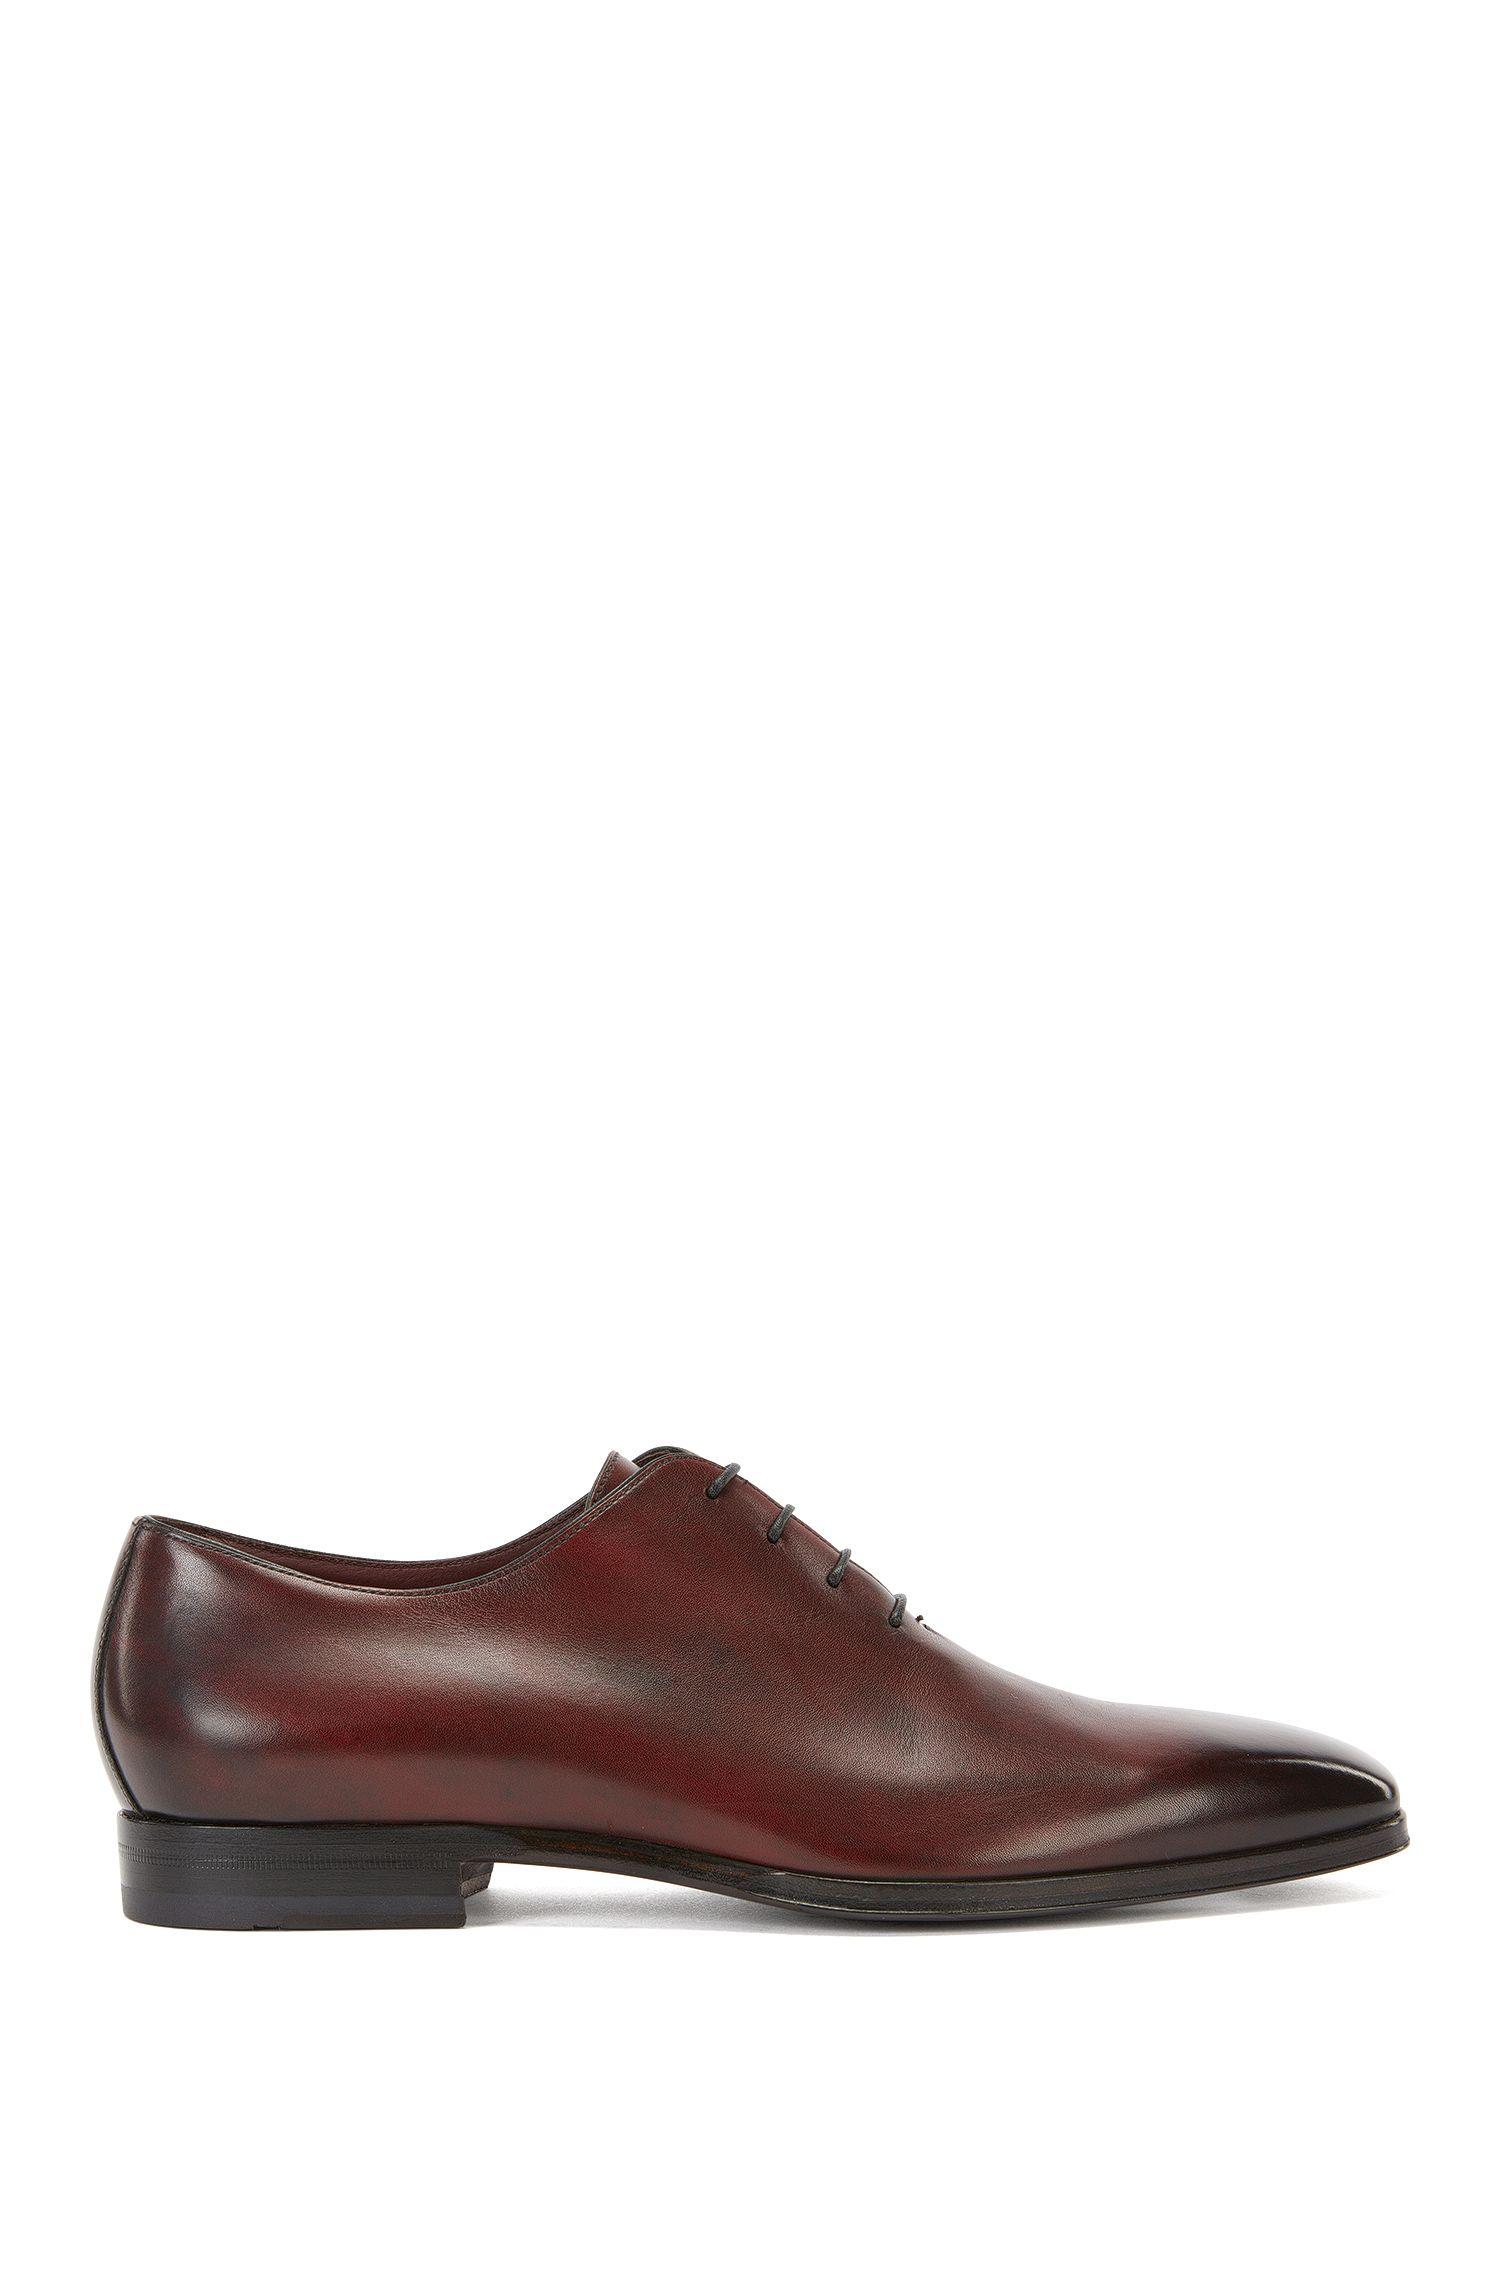 Oxfordschoenen van gepolijst leer van BOSS Tailored